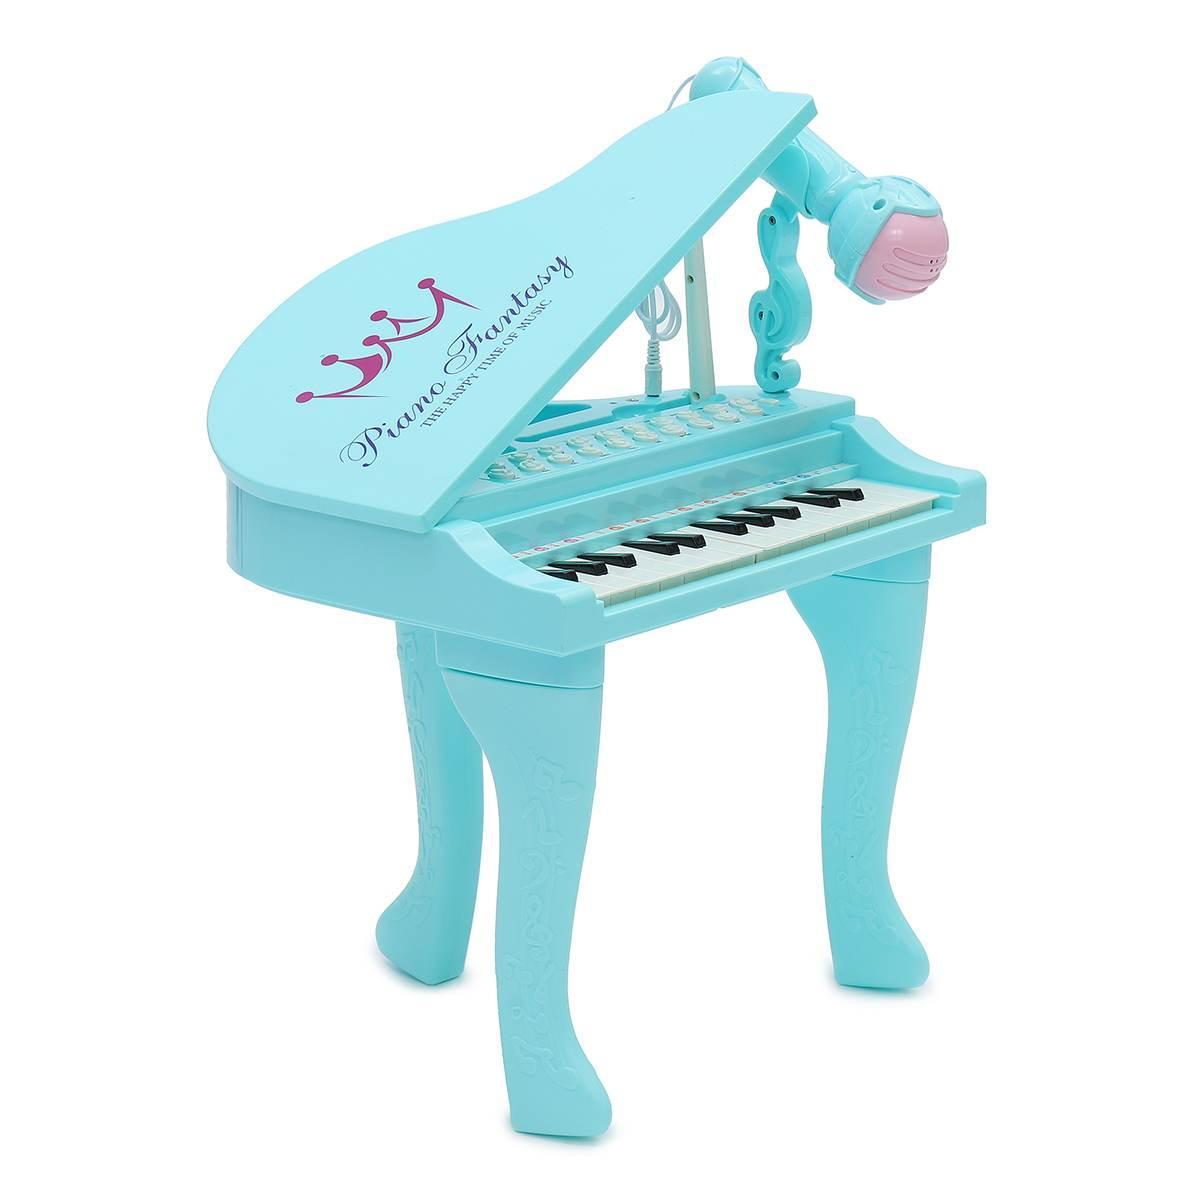 Électronique 25 touches clavier jouet orgue USB enfants Piano Microphone Instrument de musique jouant jouet ensemble rose/bleu enfants cadeaux - 6